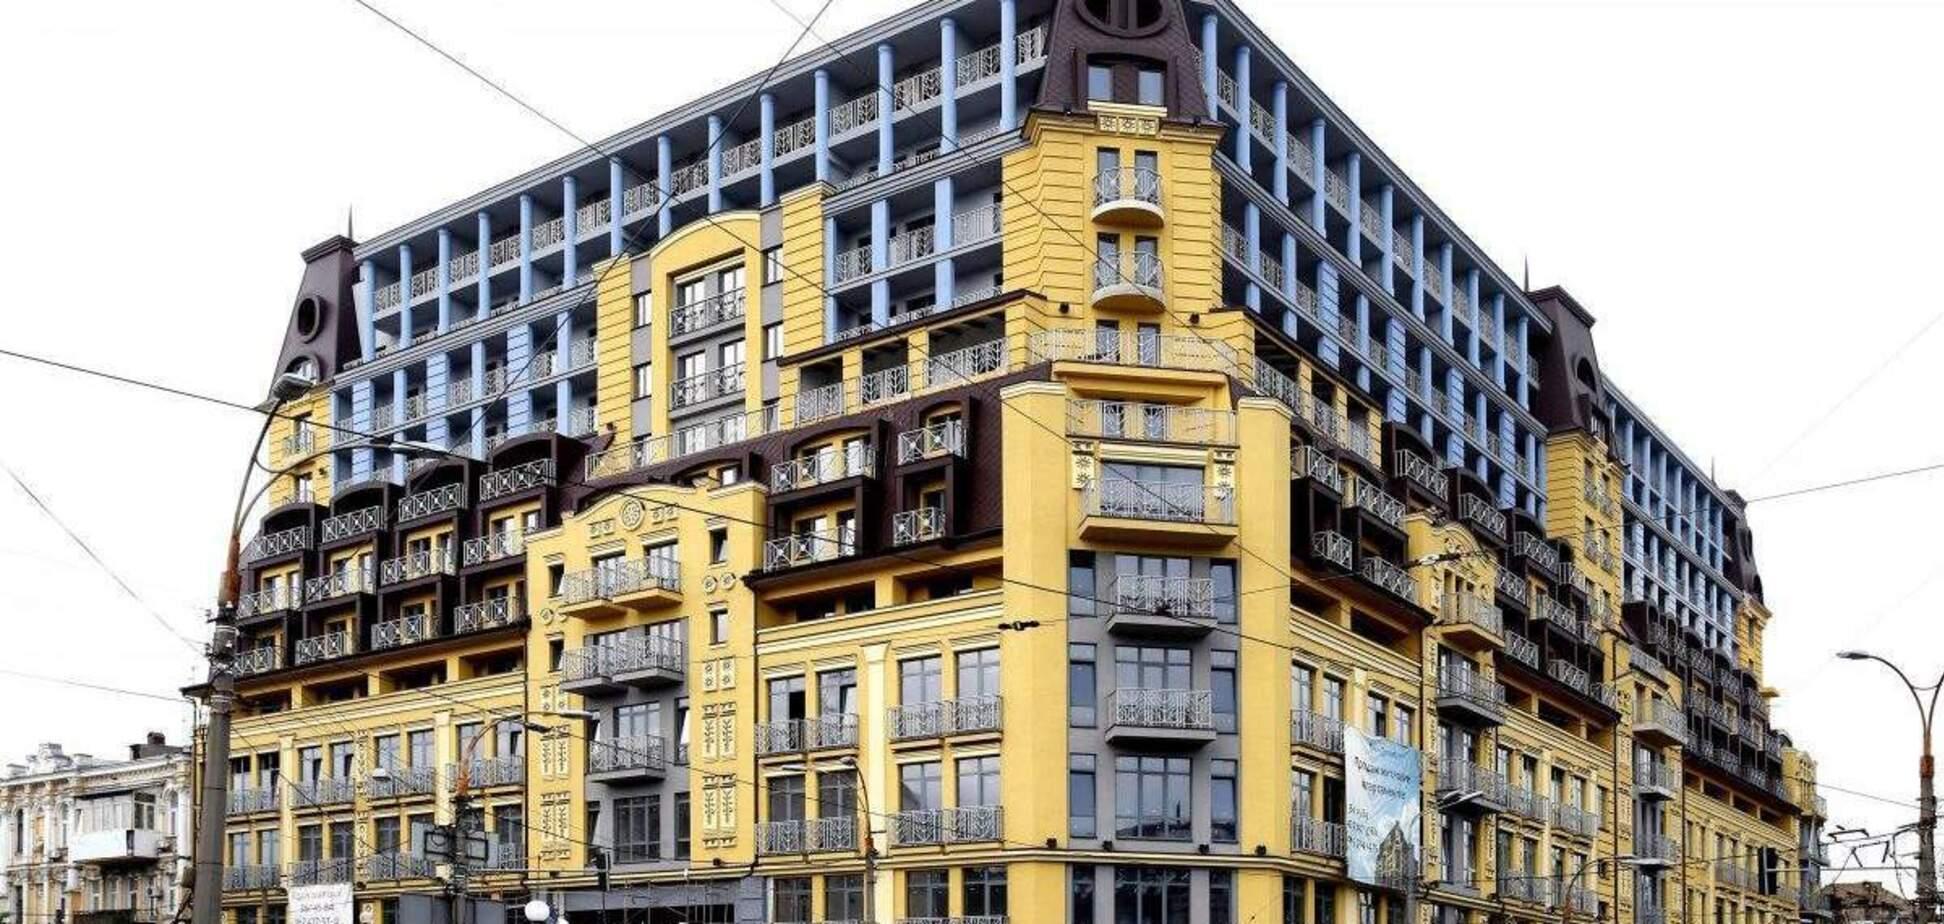 Міська влада не вважає можливим введення в експуатацію 'будинку-монстра'